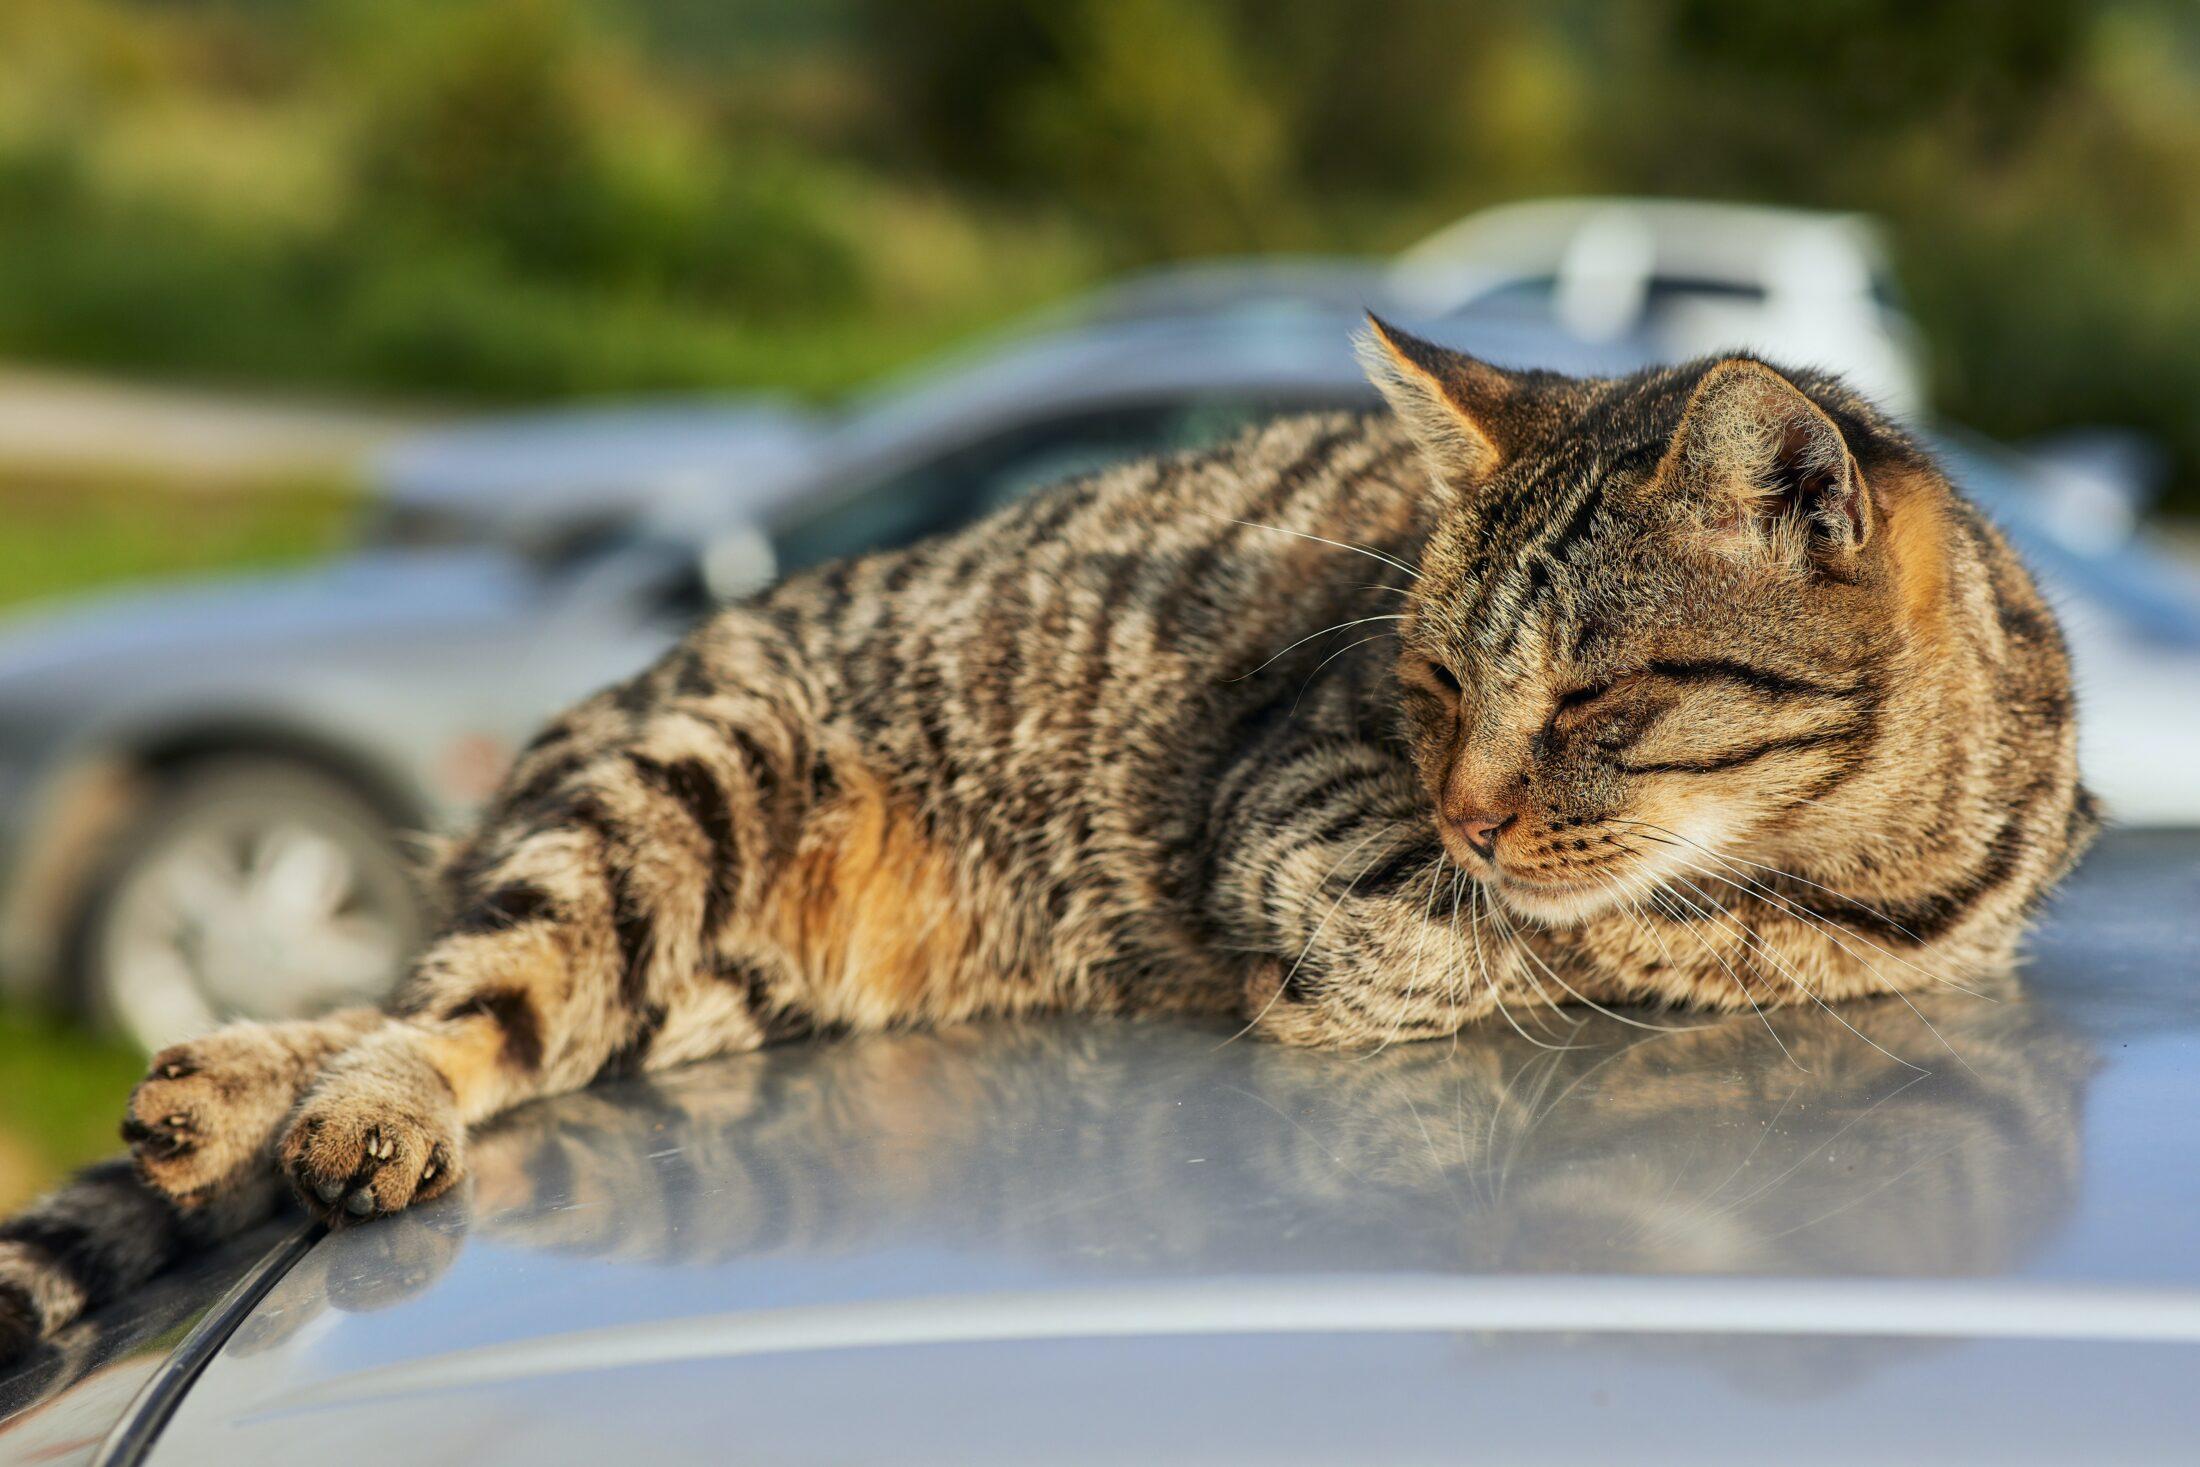 Especialistas em comportamento animal descobriram que podemos classificar vários  tipos de relacionamentos entre humanos e gatos.